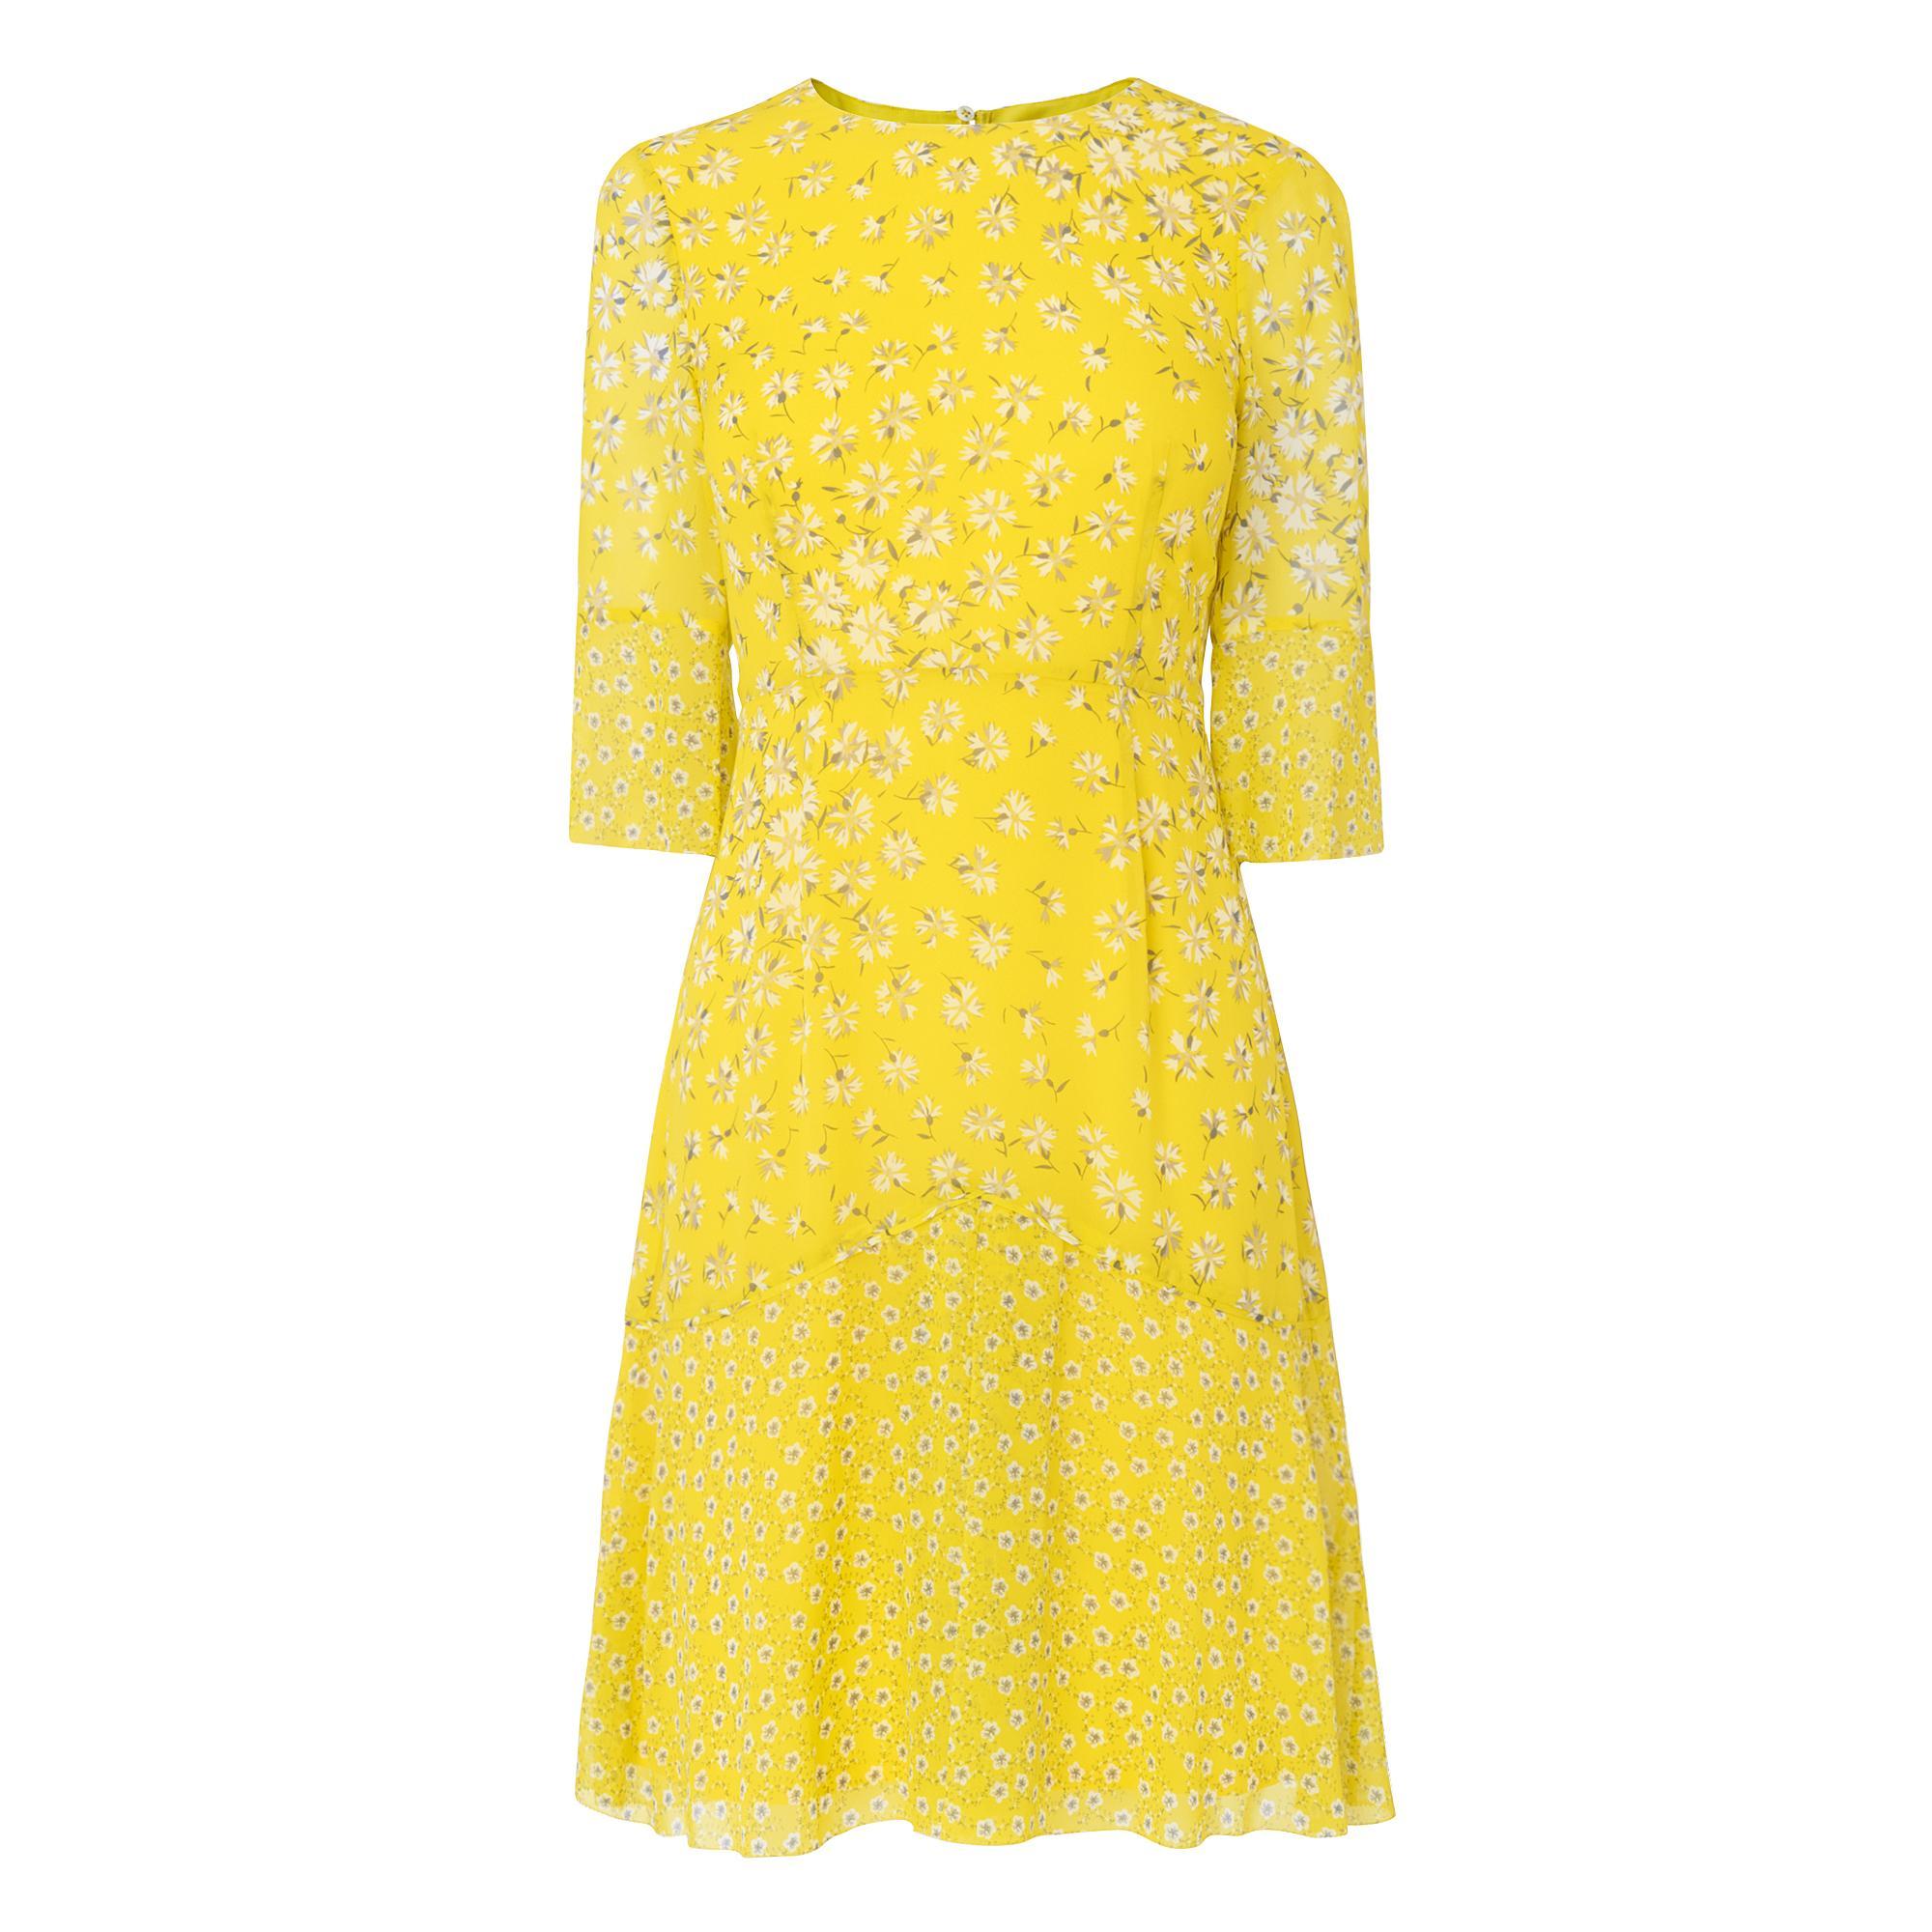 Ros Dress | L K Bennett, London